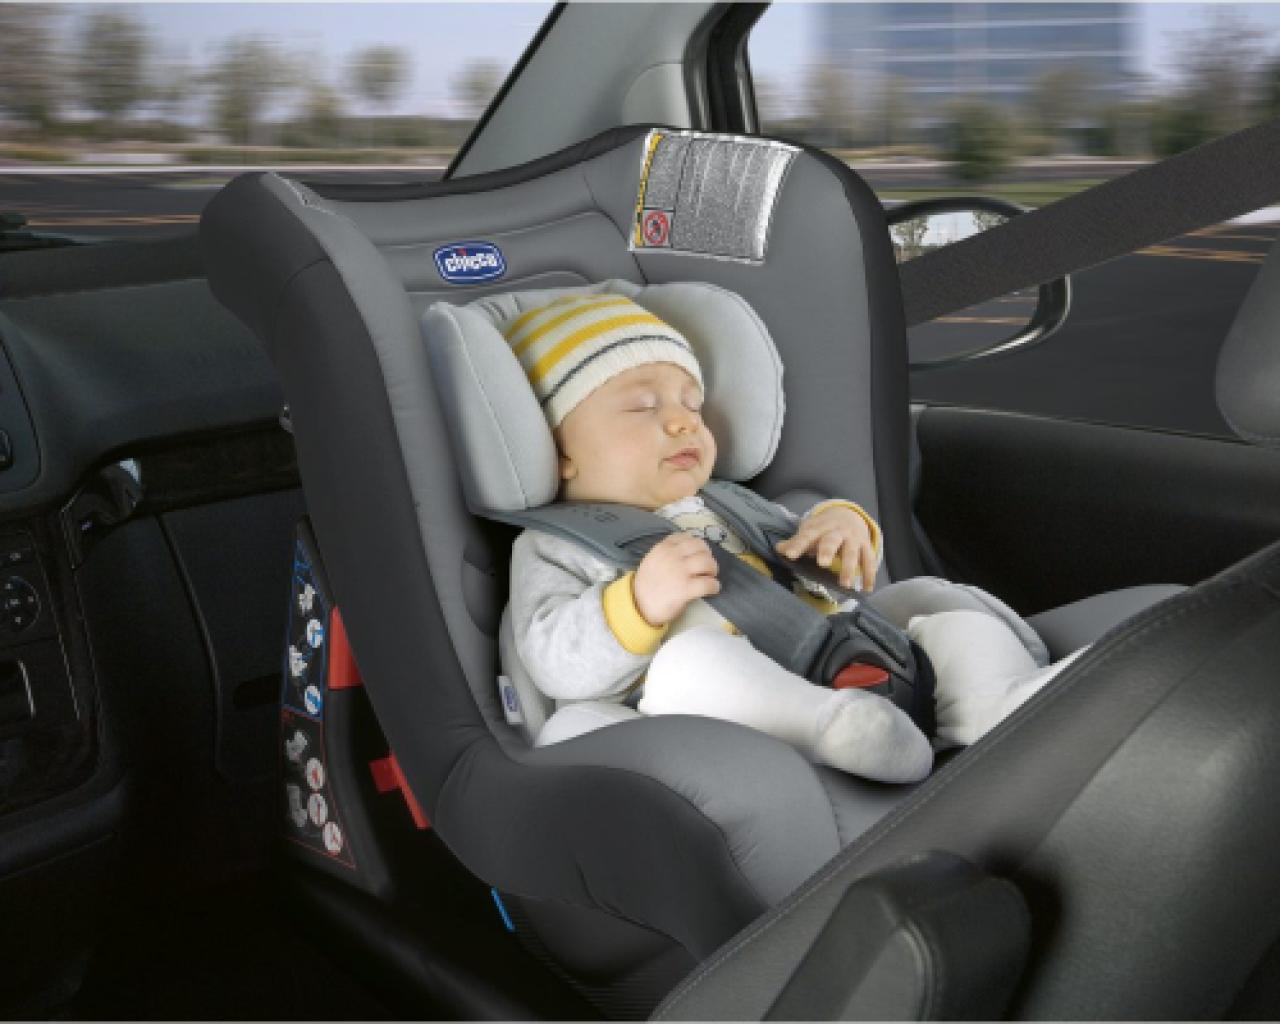 Chile exige en el auto la sillita para ni os de hasta 9 for Sillas para auto ninos 9 anos